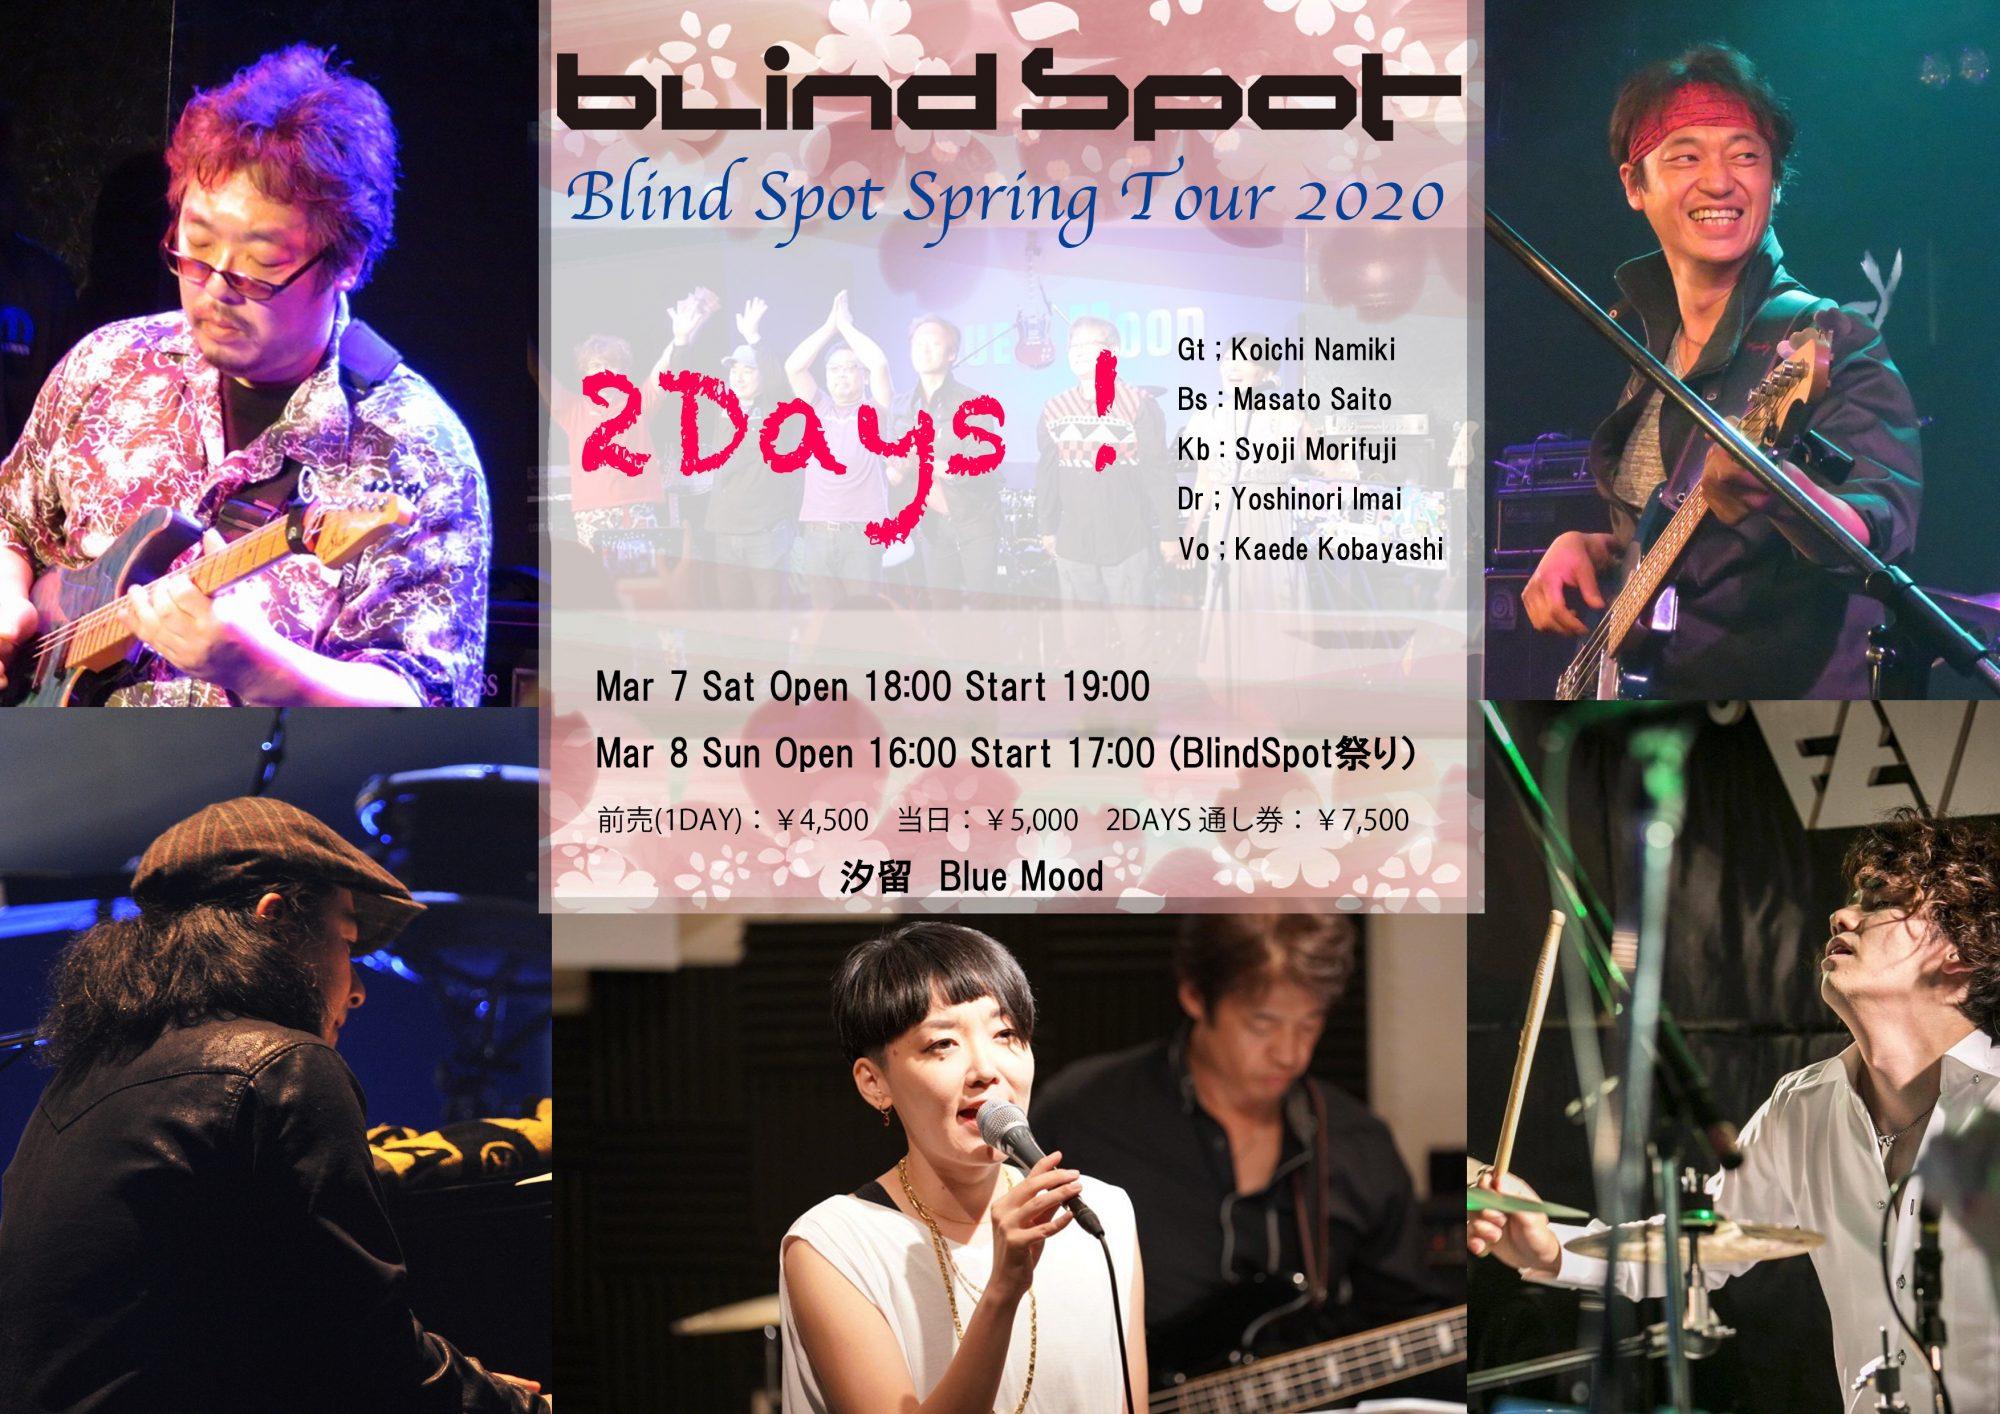 Blind Spot Spring Tour 2020